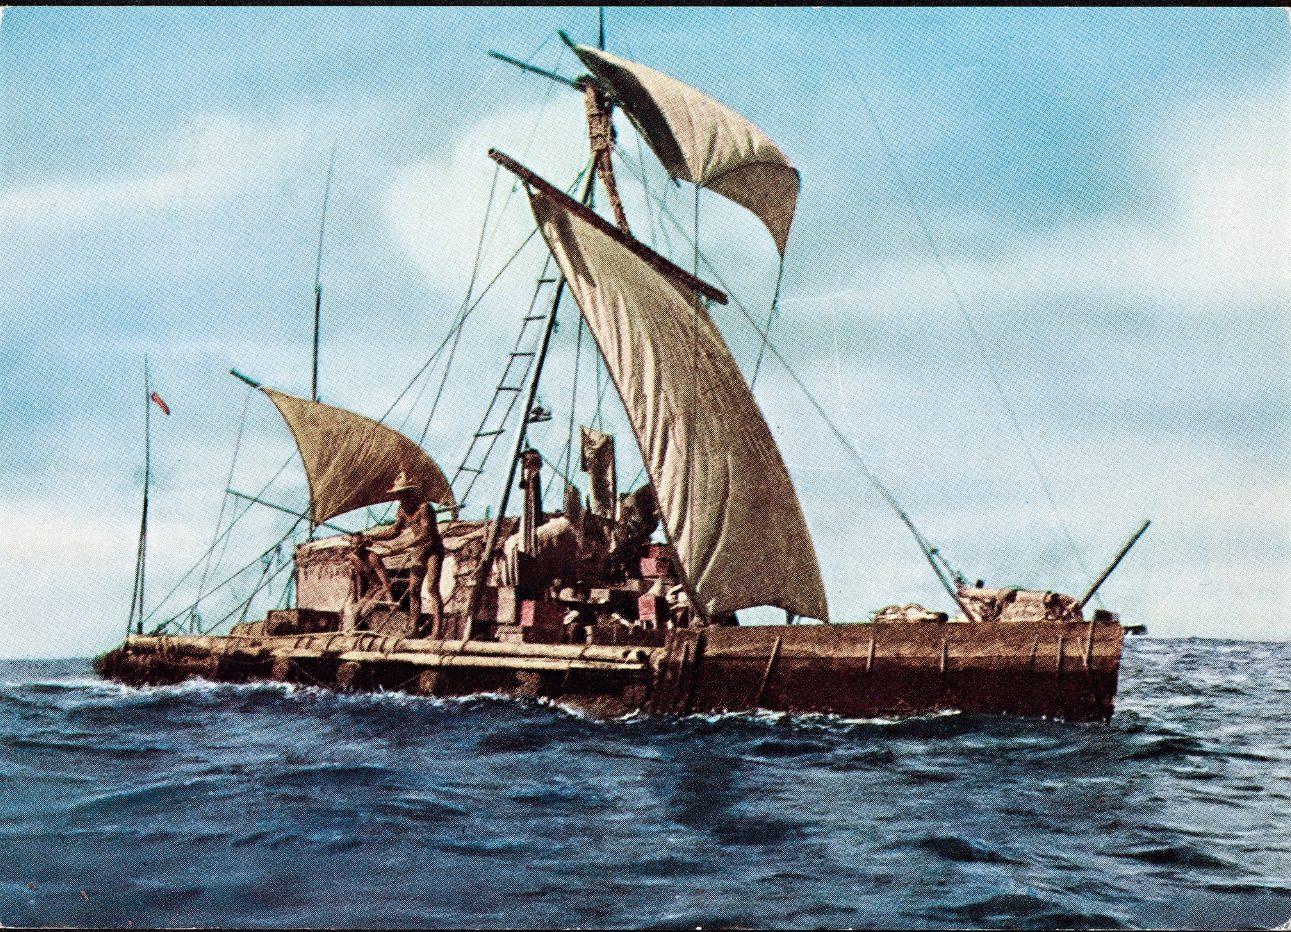 Ansichtkaart met daarop de Kon Tiki